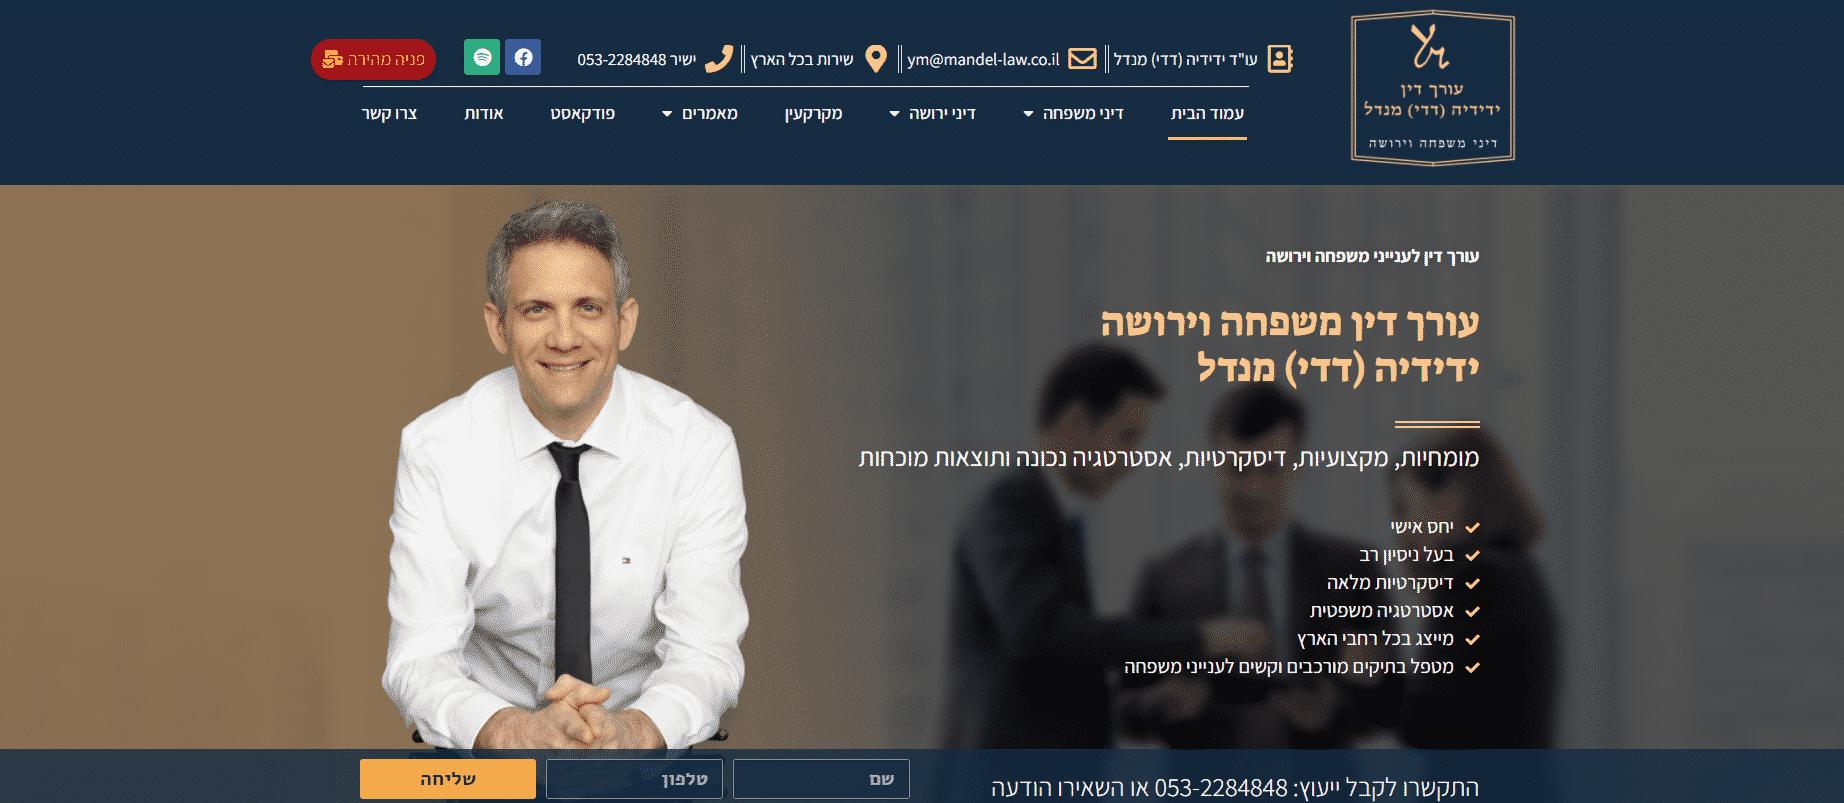 בניית אתרים למשרד עורכי דין